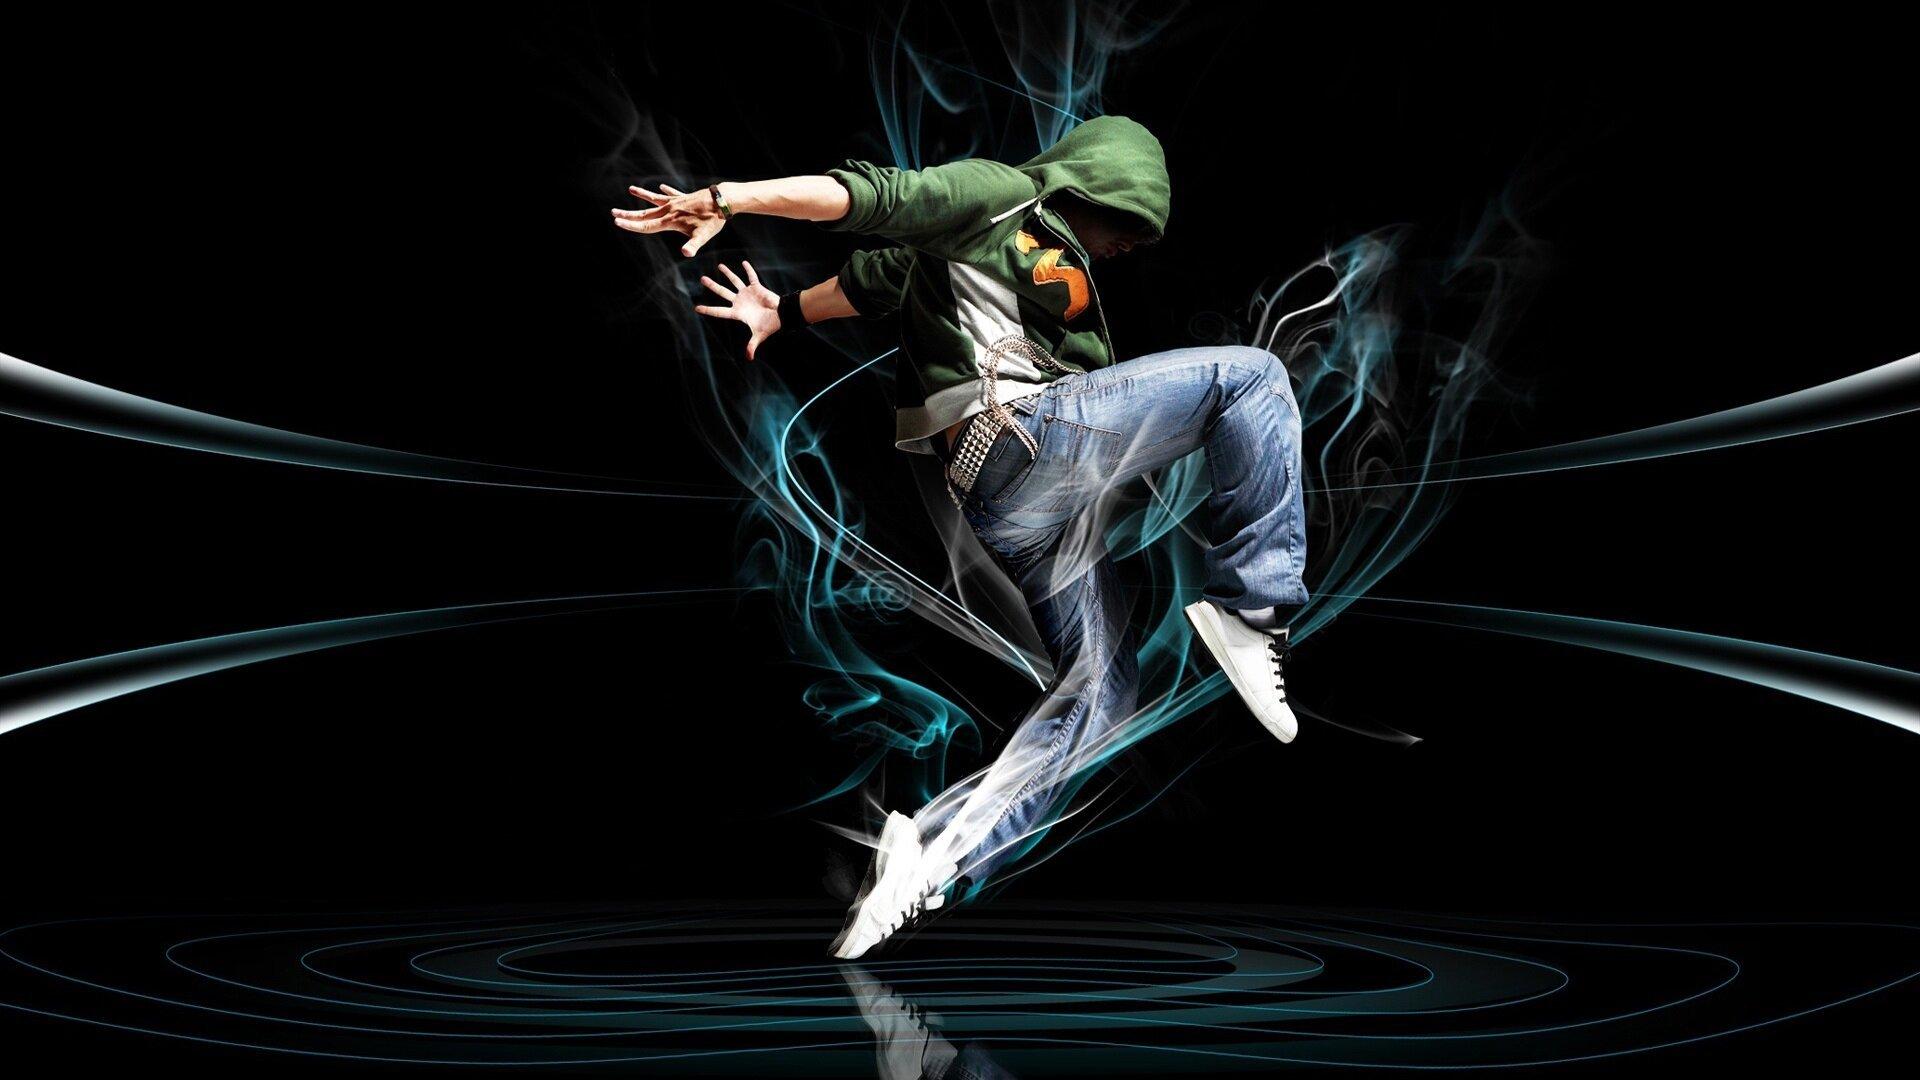 Hip Hop Music Wallpaper